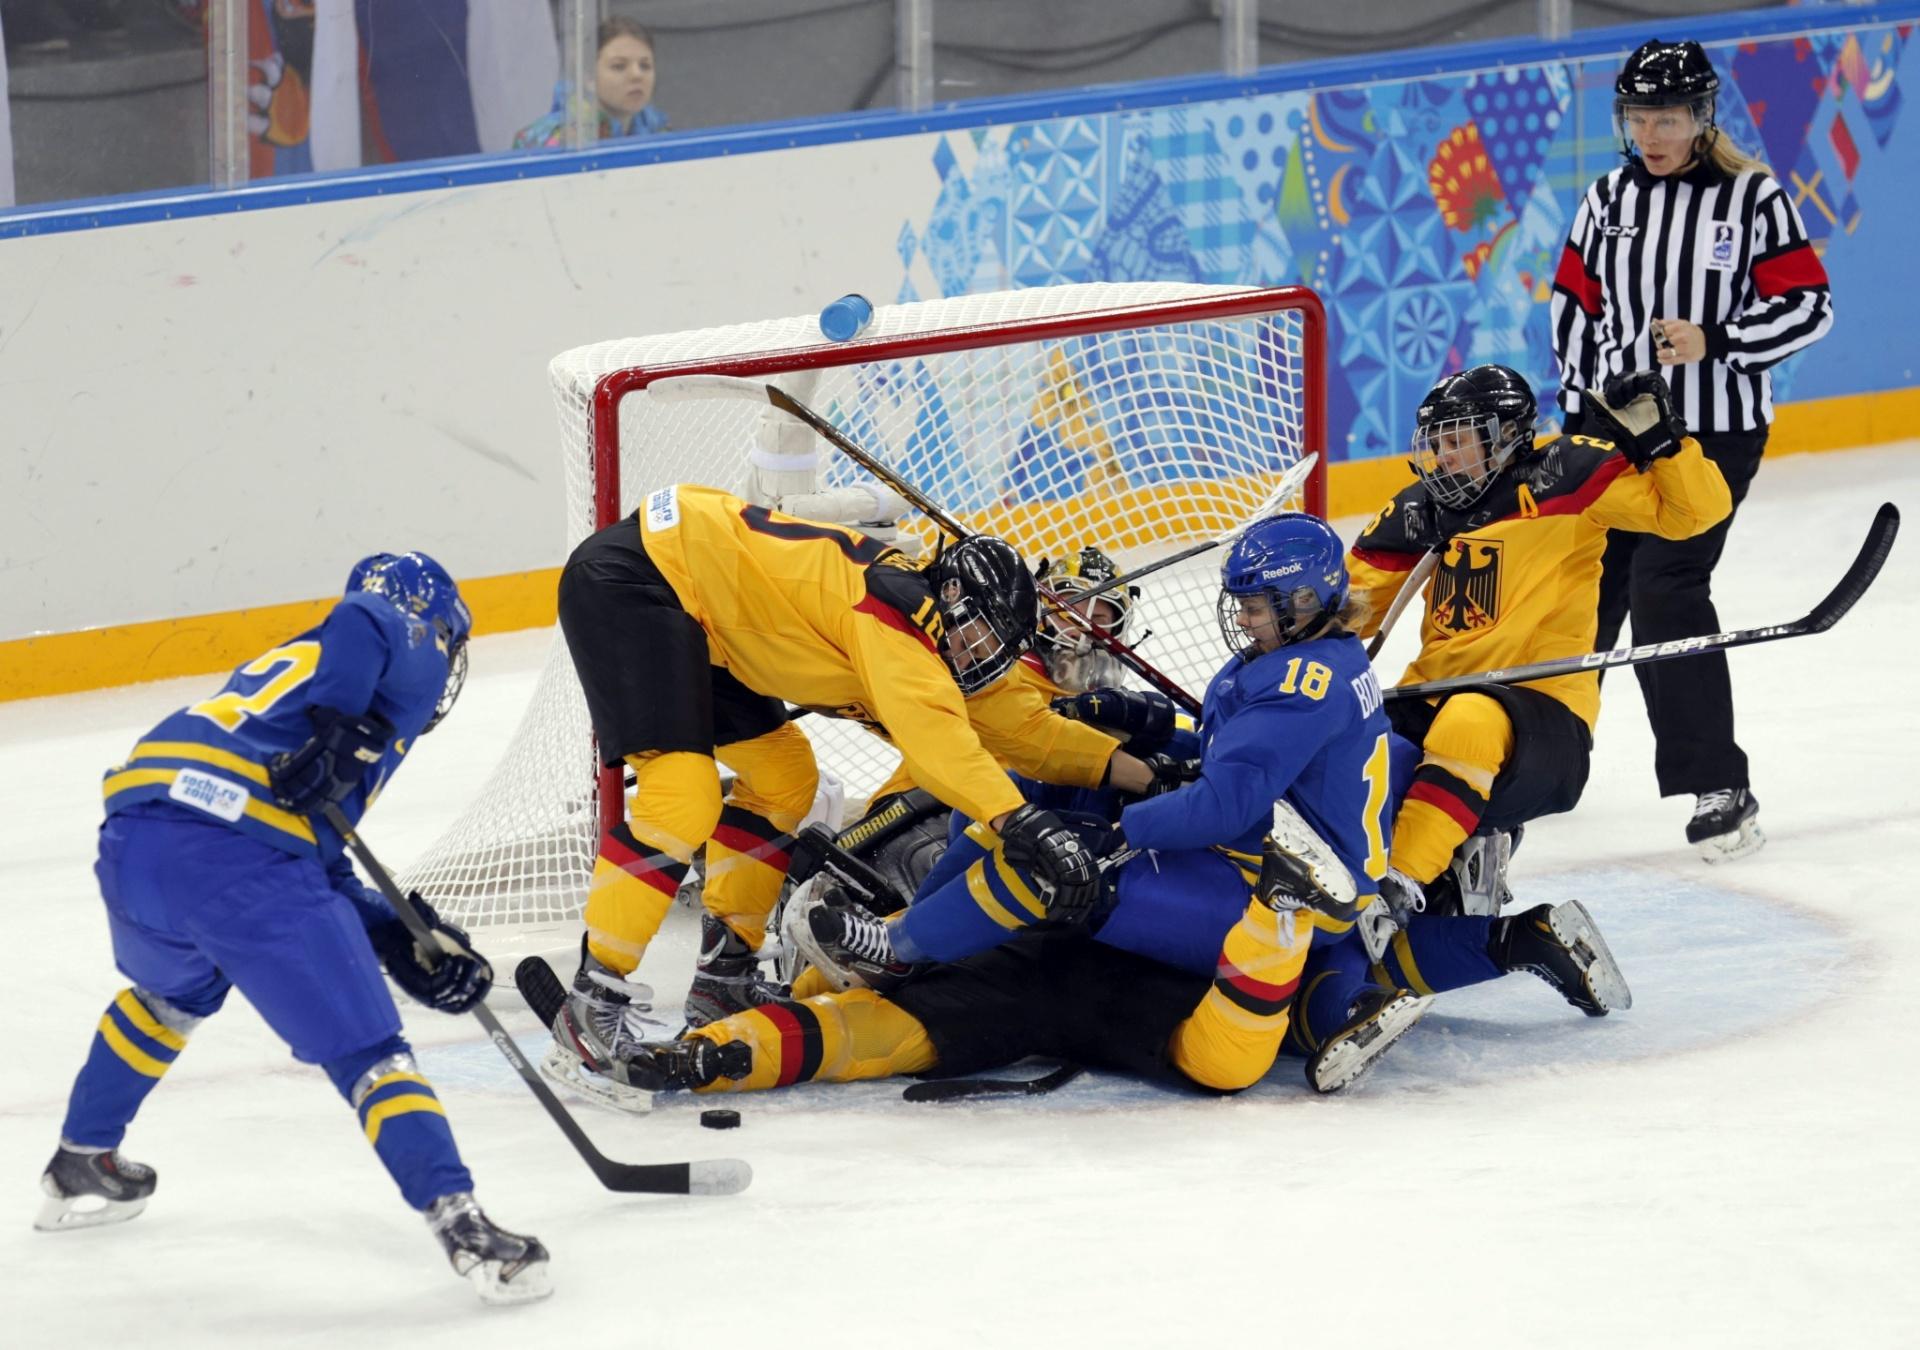 11.02.14 - Jogadoras da Suécia e da Alemanha fazem de tudo para ter a posse do disco em partida de hóquei feminino em Sochi (Rússia)